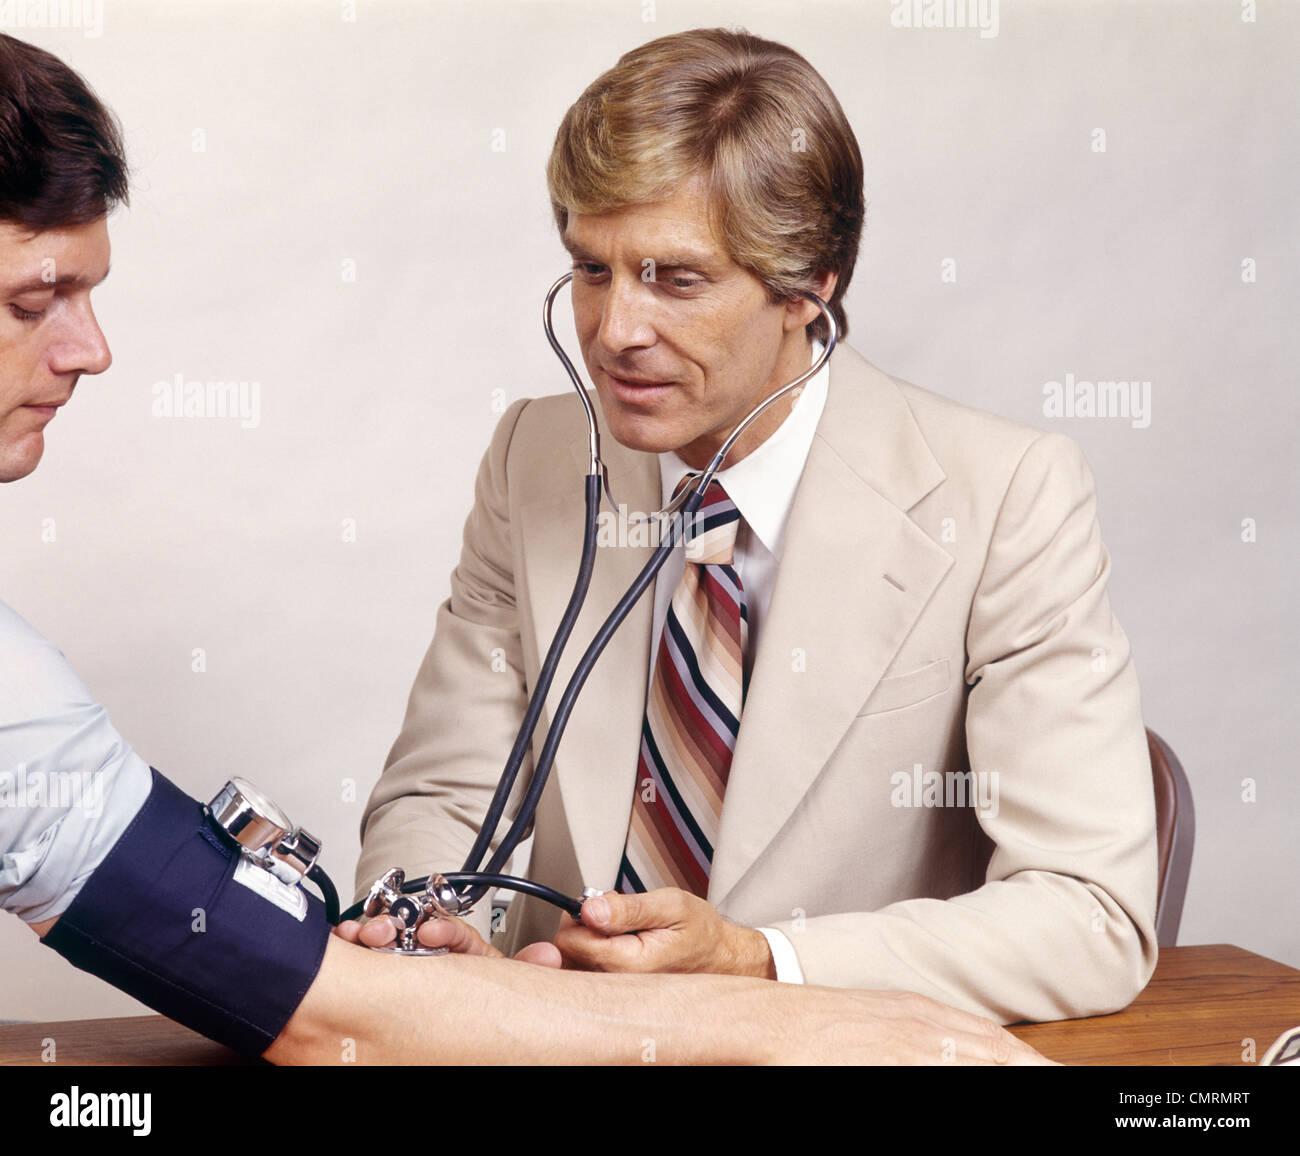 1970 anni settanta retrò uomo medico utilizzando uno stetoscopio per controllare la pressione del sangue del paziente Foto Stock